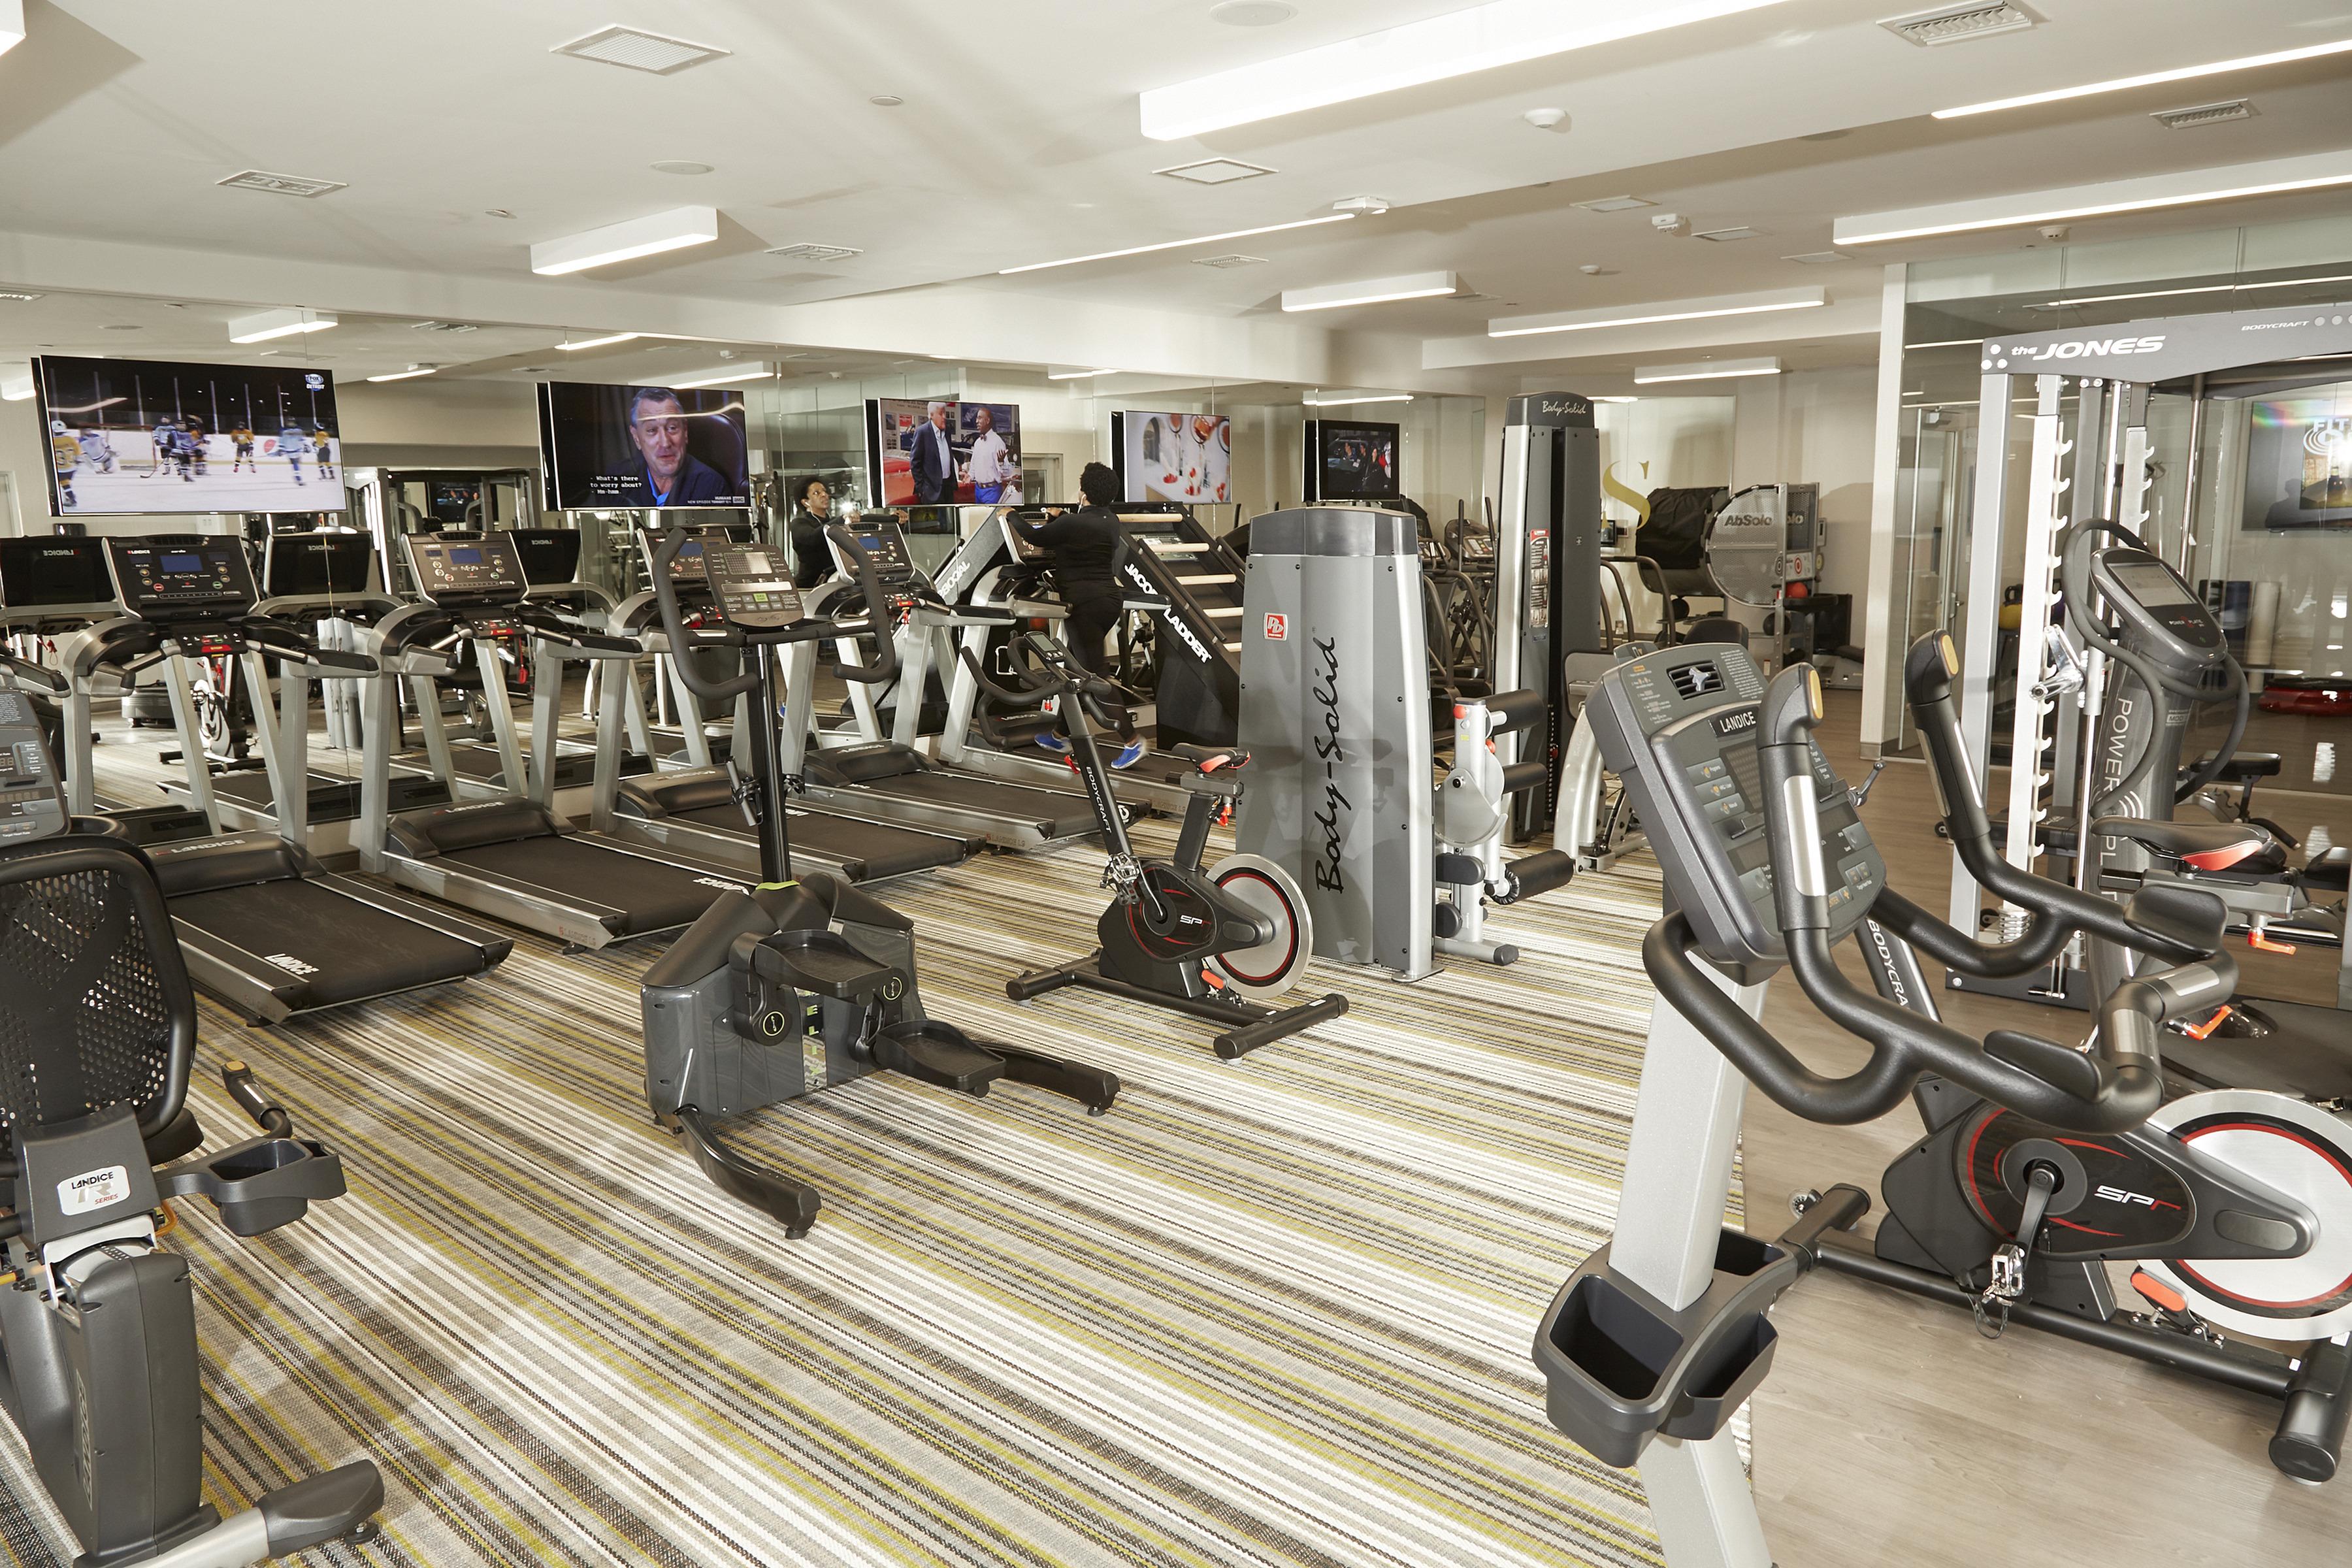 247 Life Fitness Gym and Yoga Room